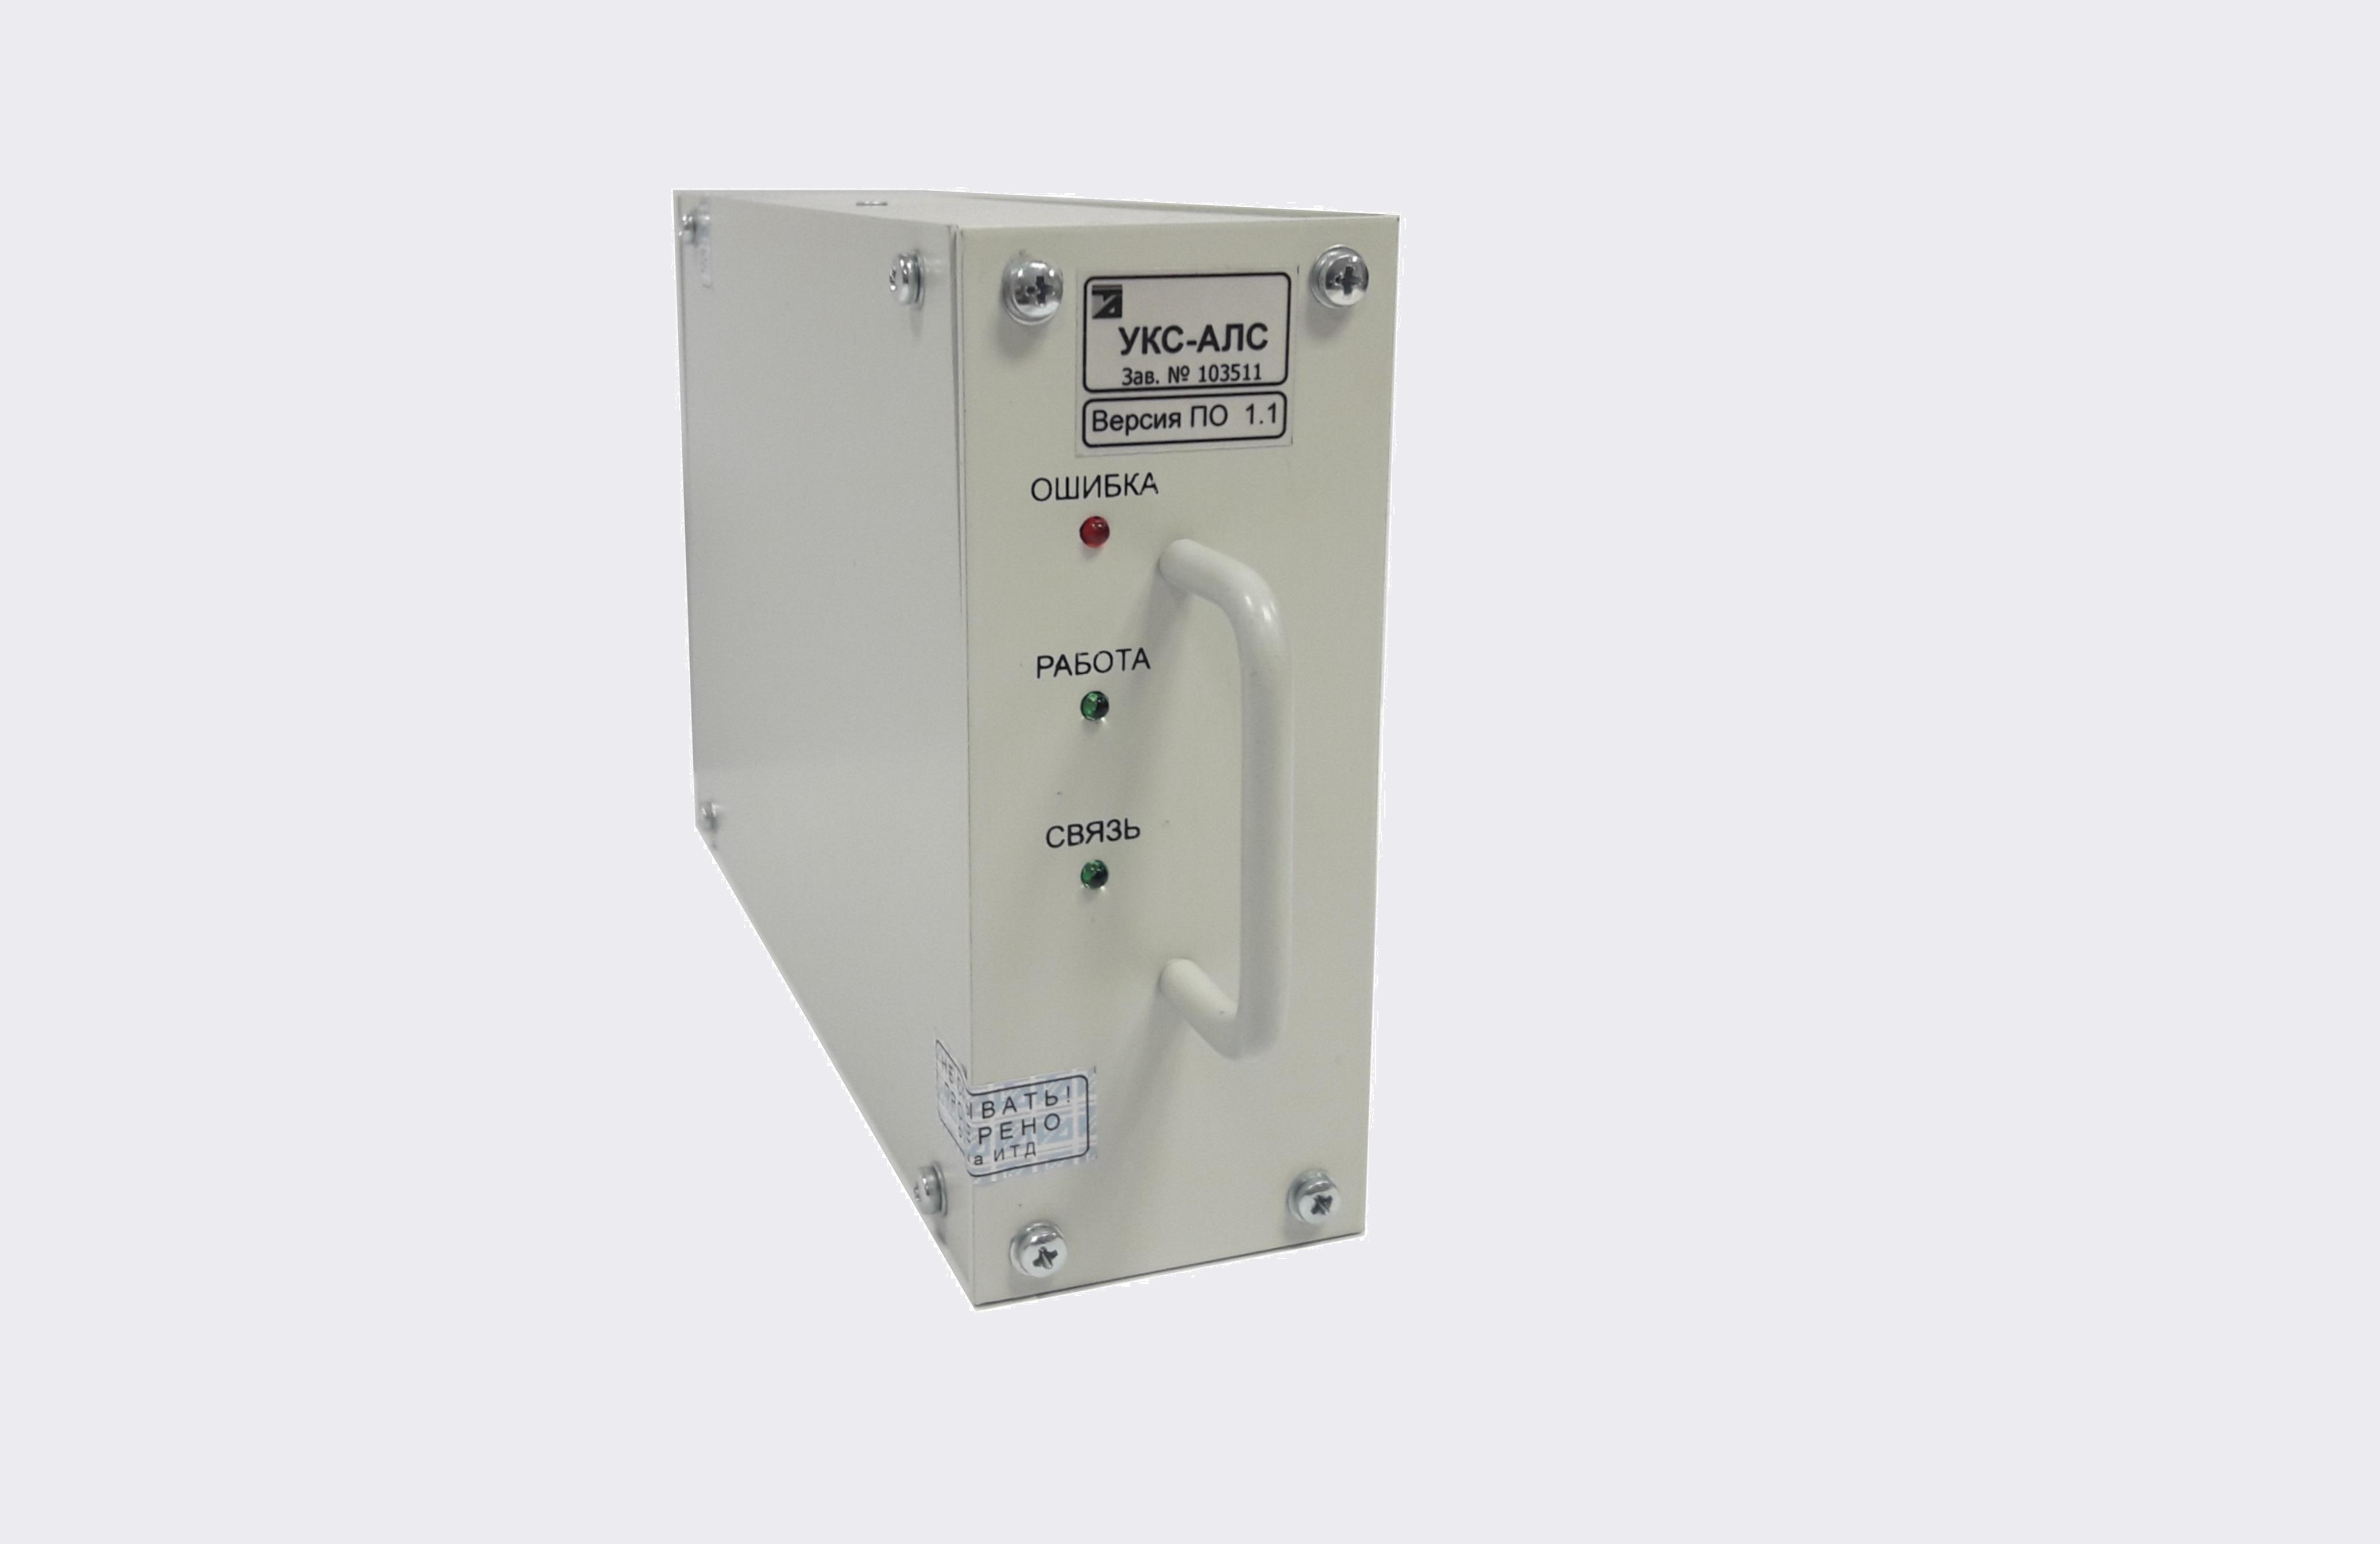 Устройство контроля сигналов автоматической локомотивной сигнализации УКС-АЛС